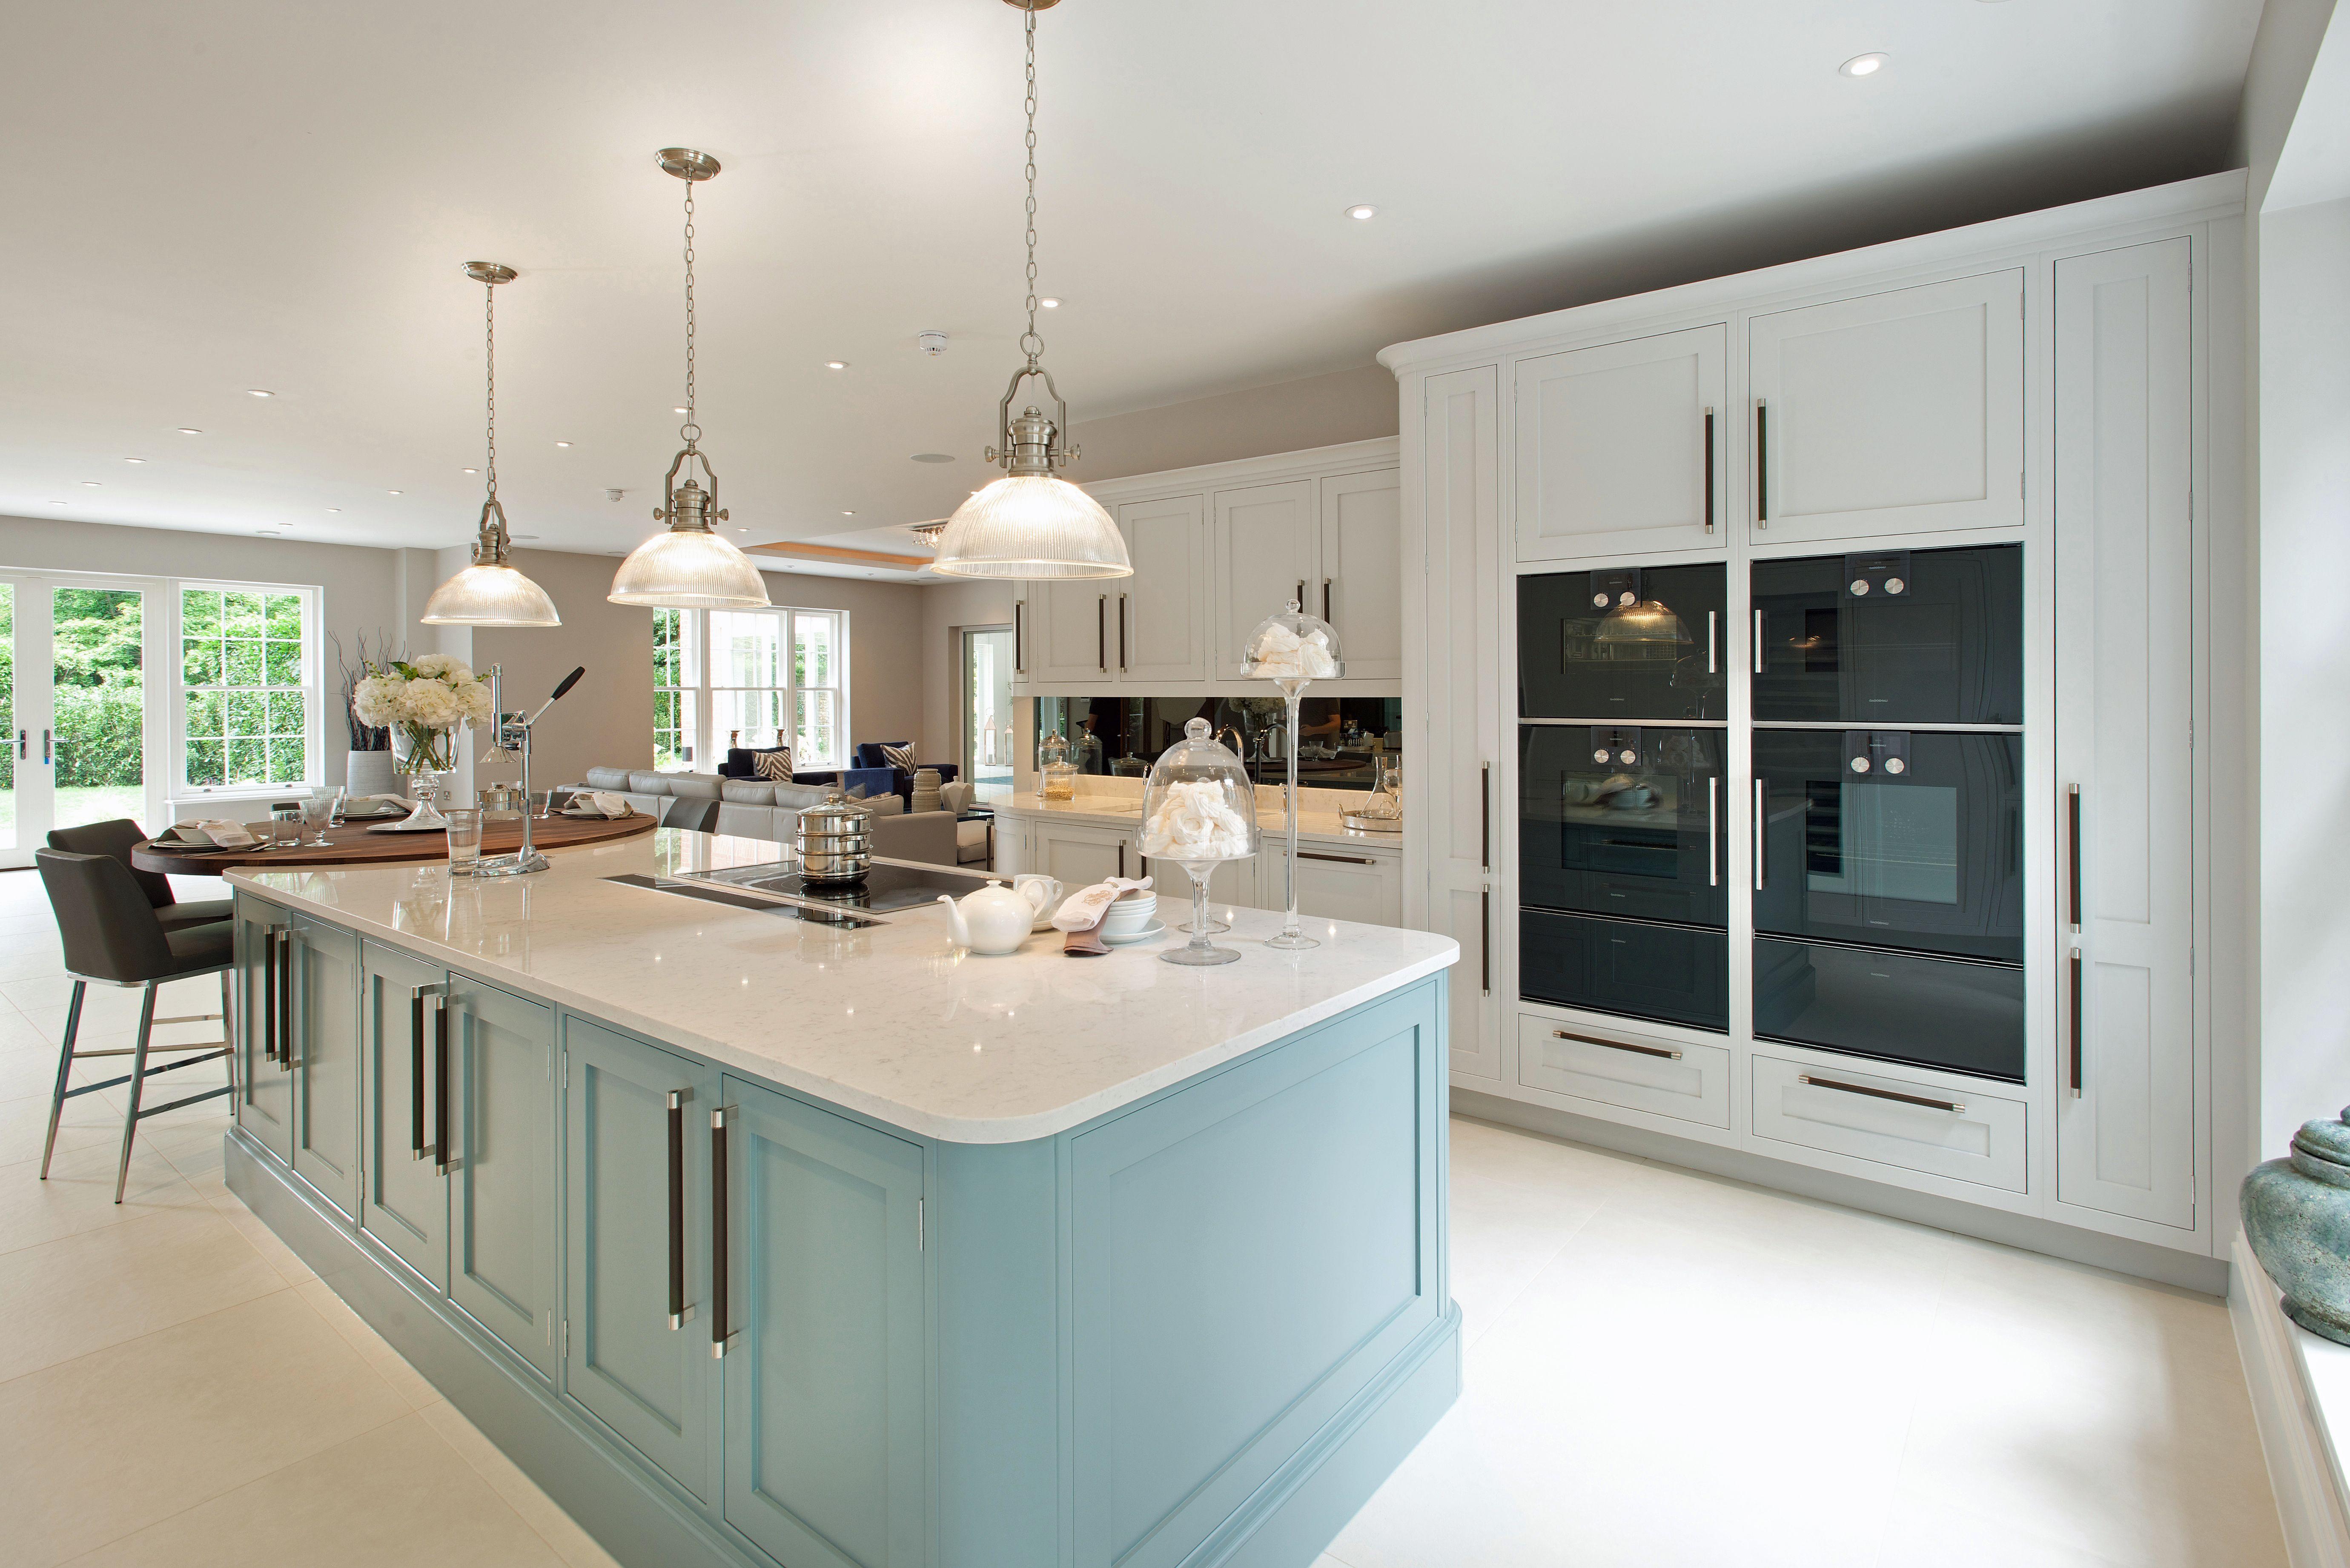 gallery kca traditional kitchen design kitchen redesign on c kitchen design id=11310